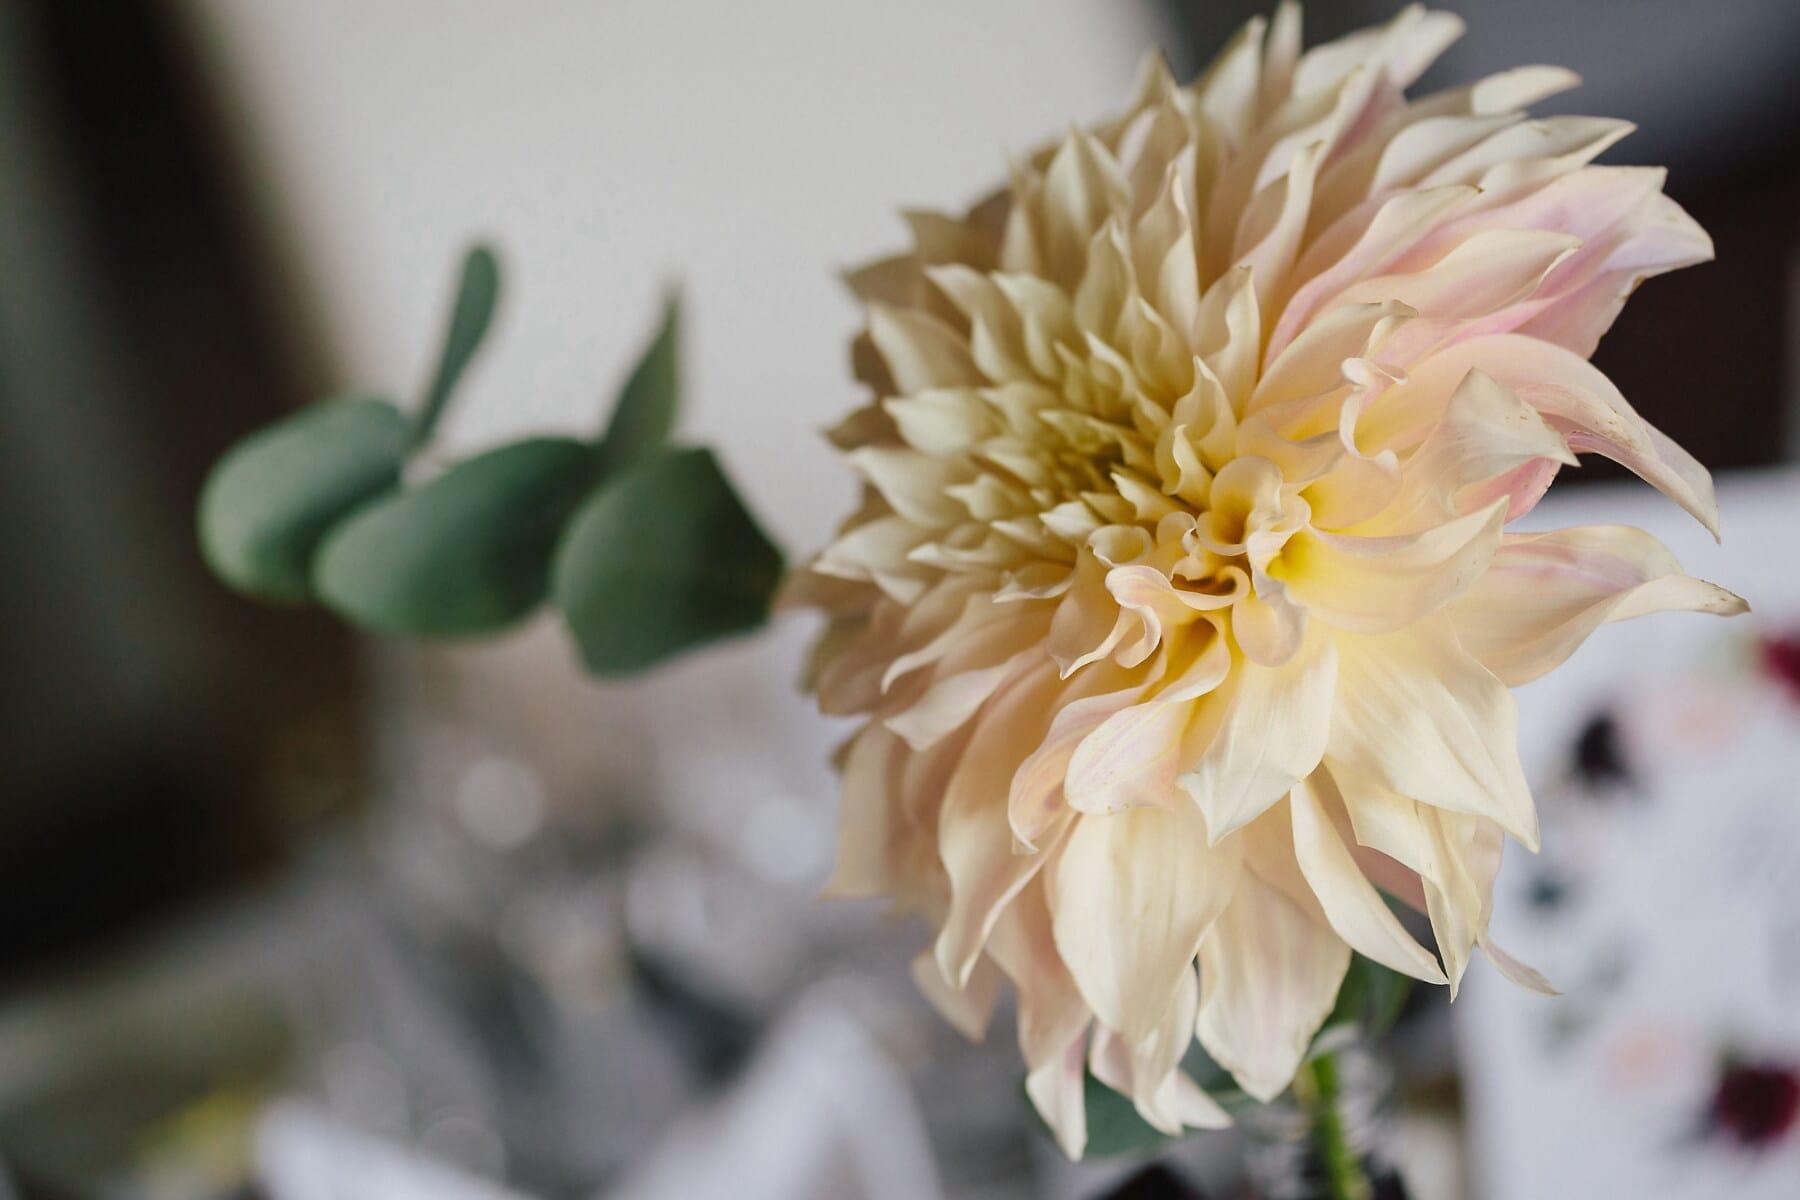 Dahlie, Blume, gelblich, Vase, Blatt, Sommer, im freien, Farbe, schöne, elegant